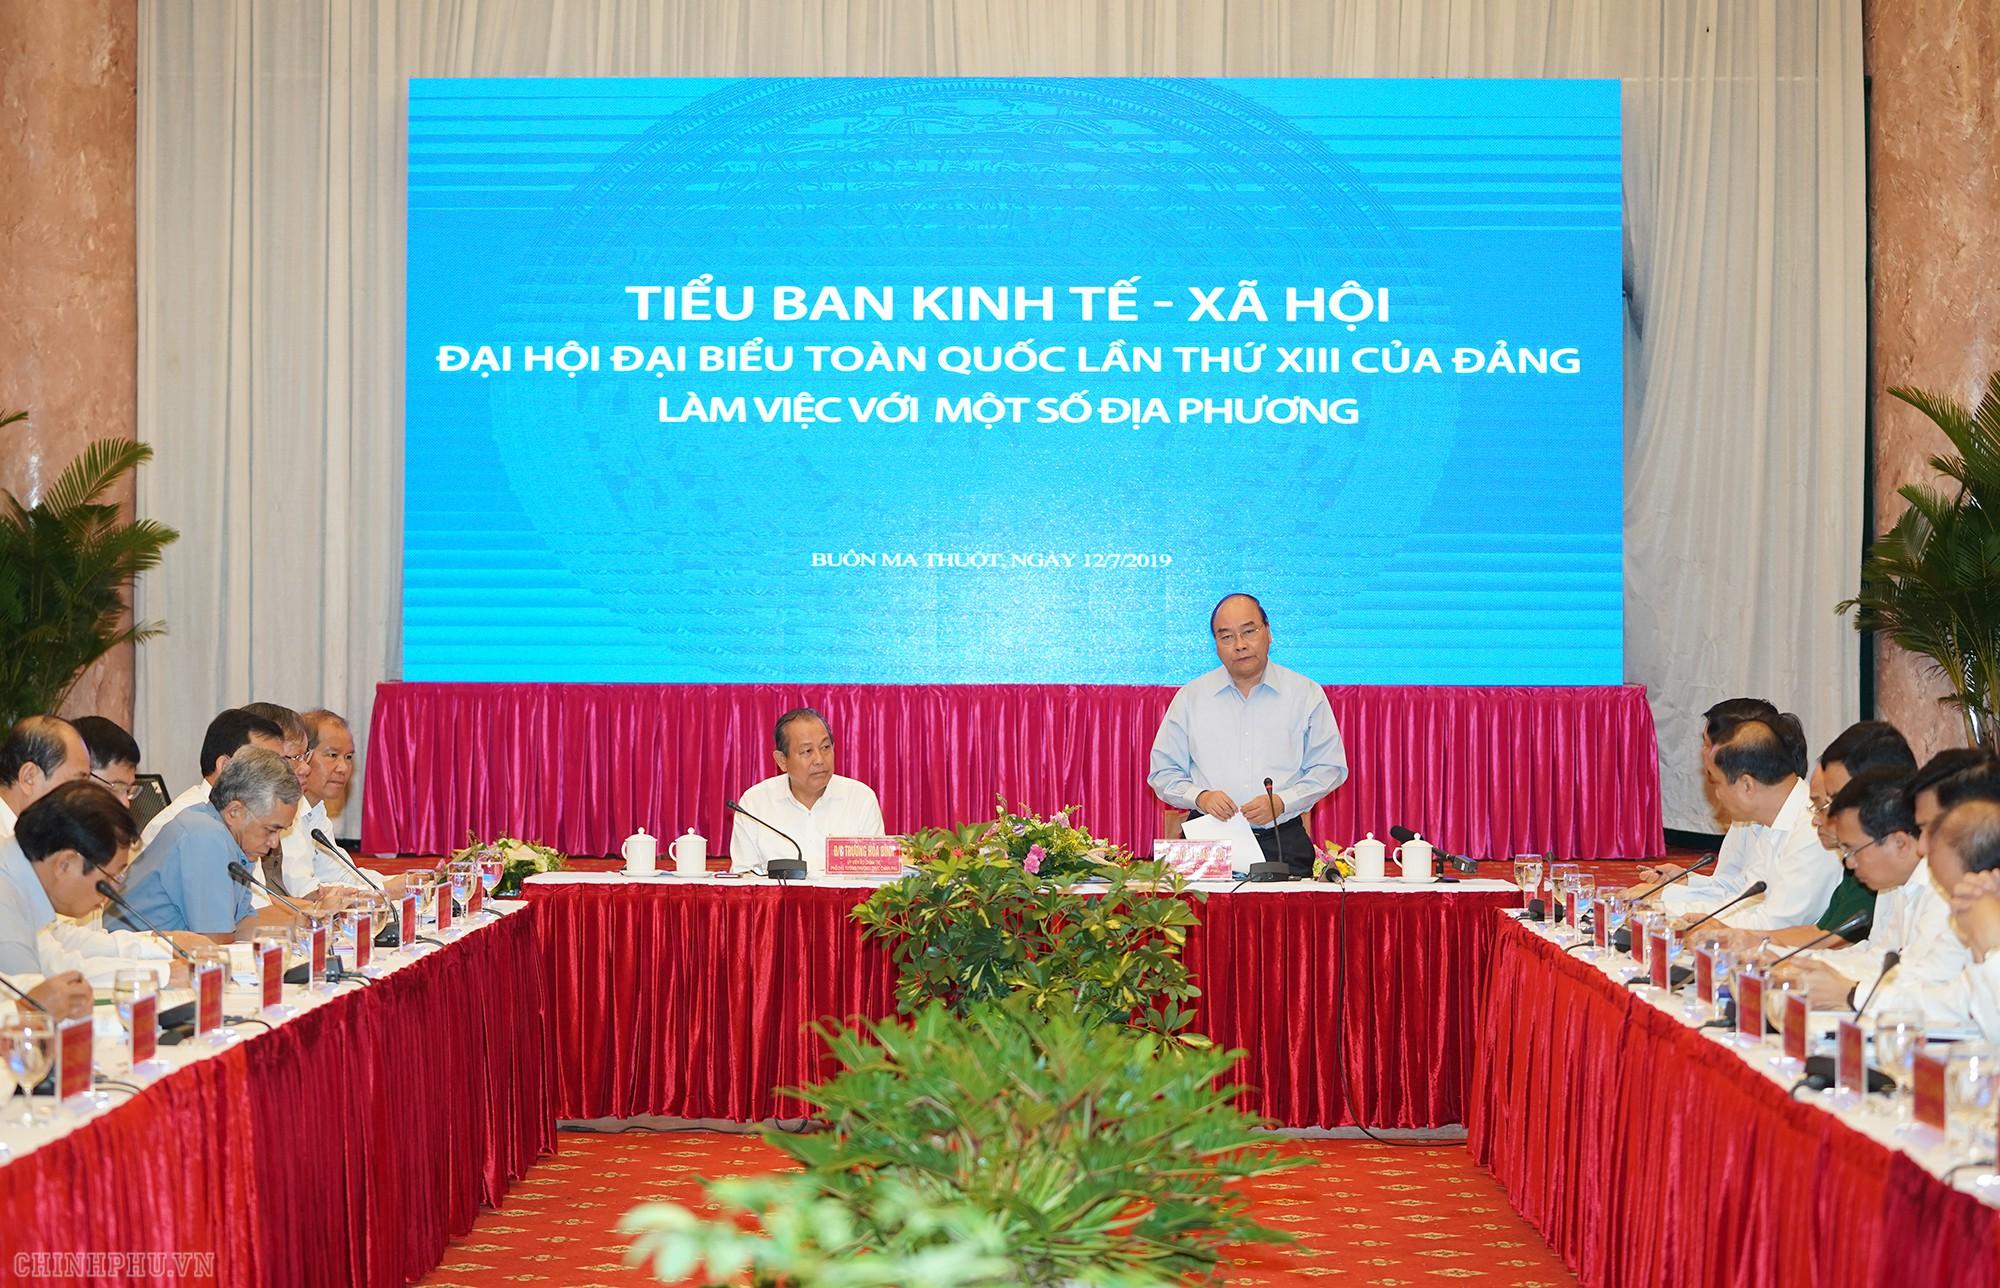 THỜI SỰ 12H TRƯA 12/7/2019: Thủ tướng Nguyễn Xuân Phúc chủ trì họp Tiểu ban Kinh tế xã hội 10 tỉnh thành phố duyên hải miền Trung và Tây Nguyên.